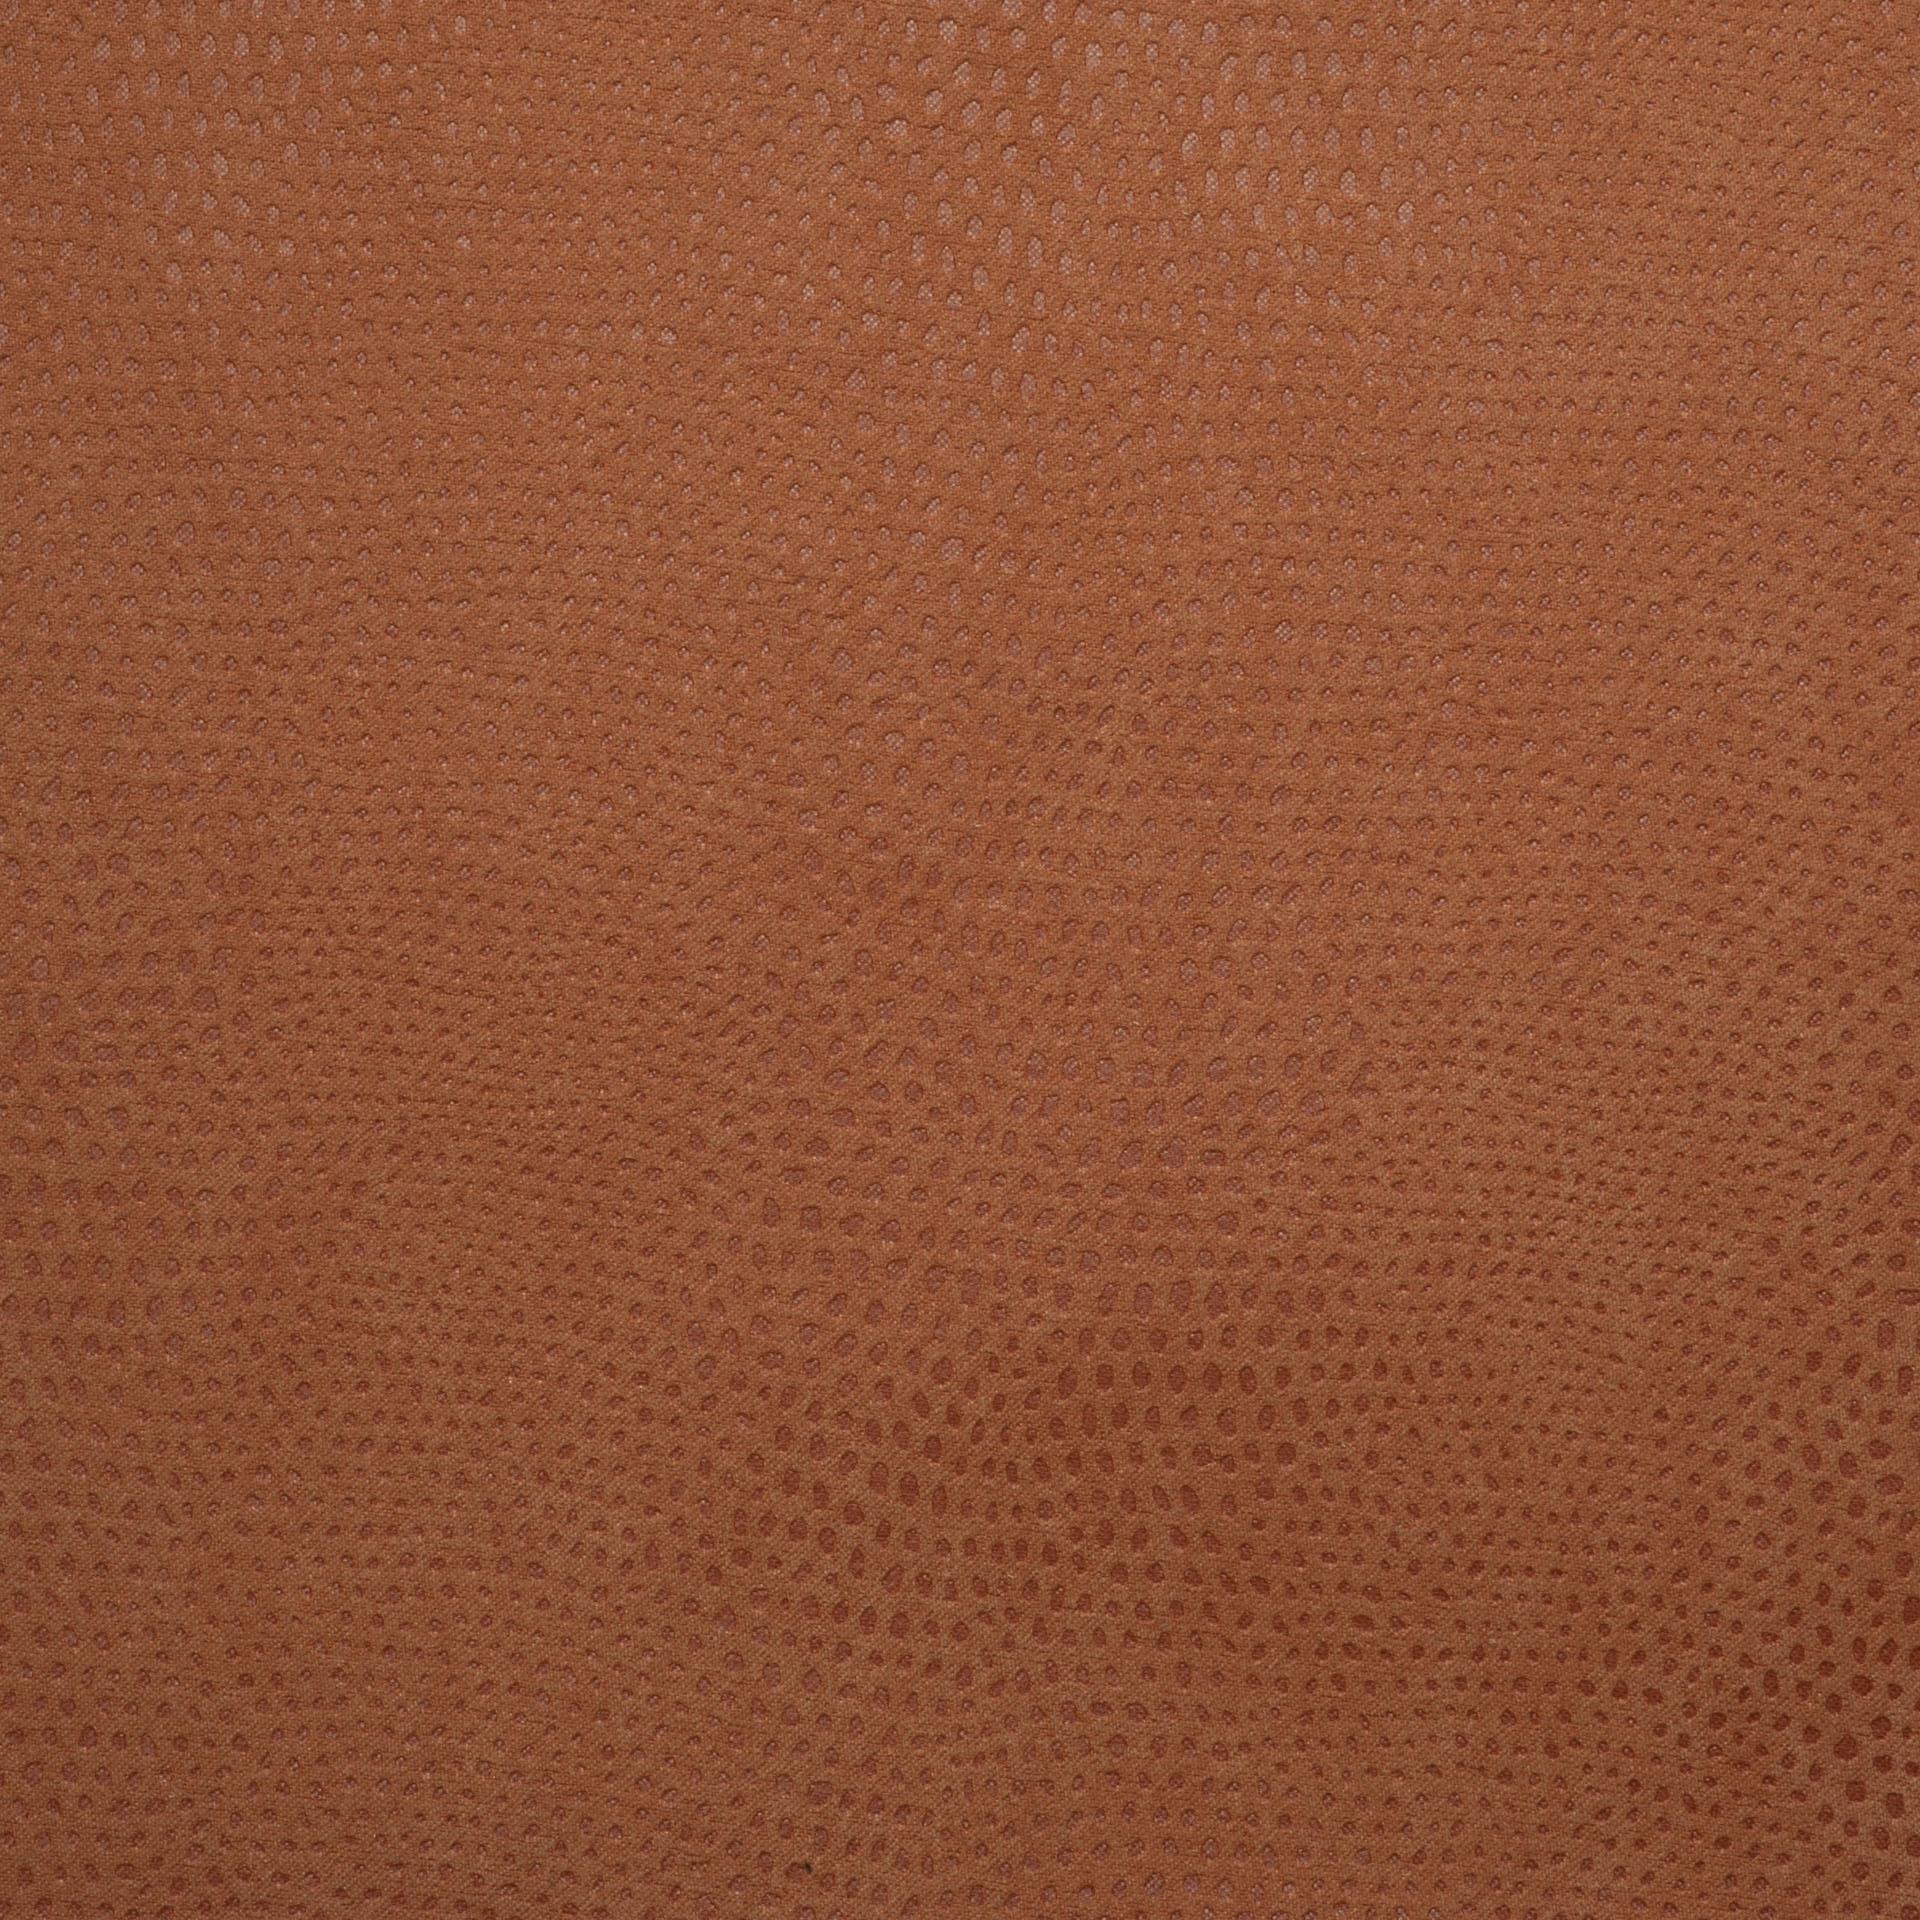 Коллекция ткани Снейк 3170 TERRACOTTA,  купить ткань Велюр для мебели Украина